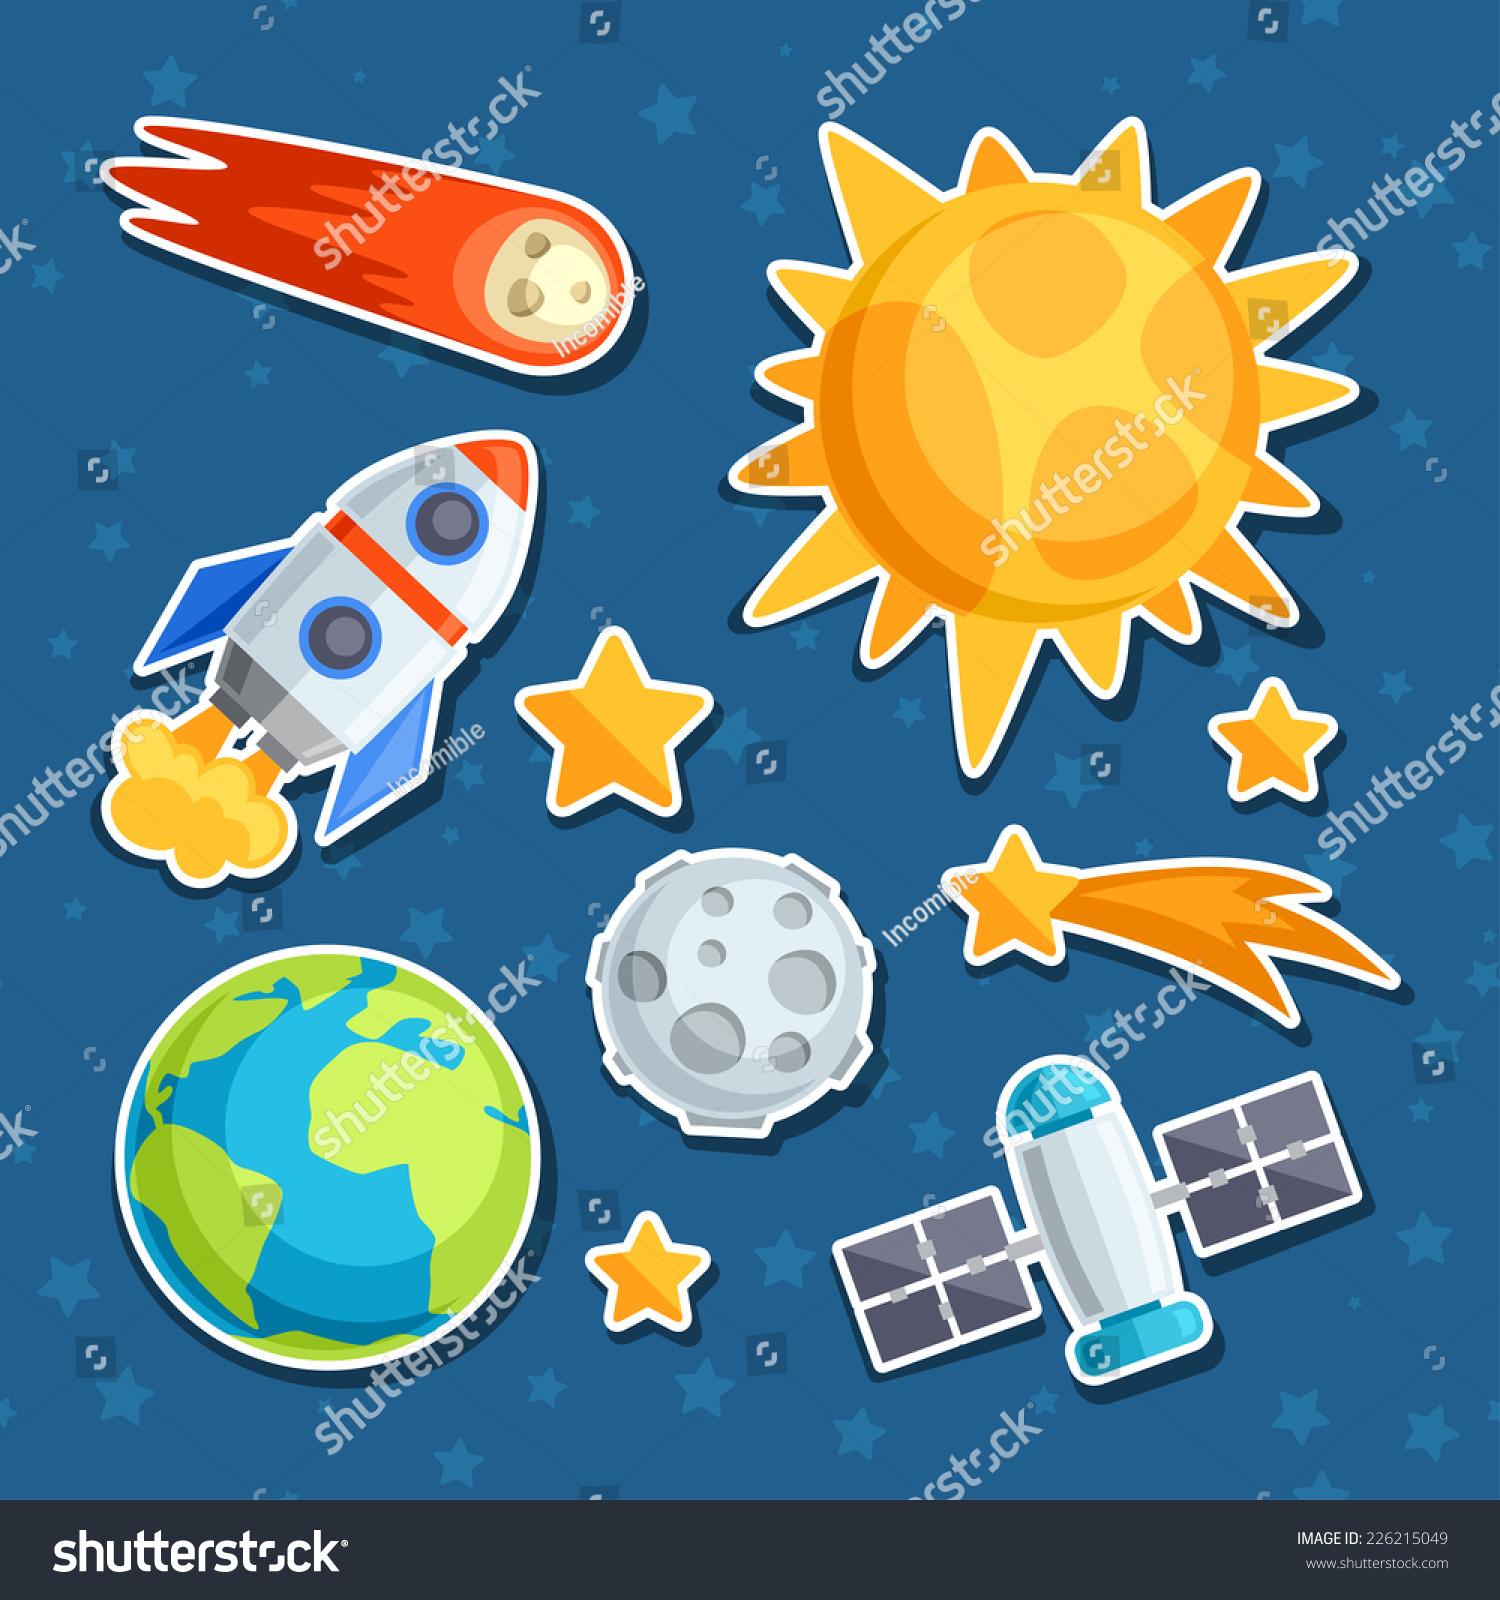 宇宙图标的太阳系,行星和天体.